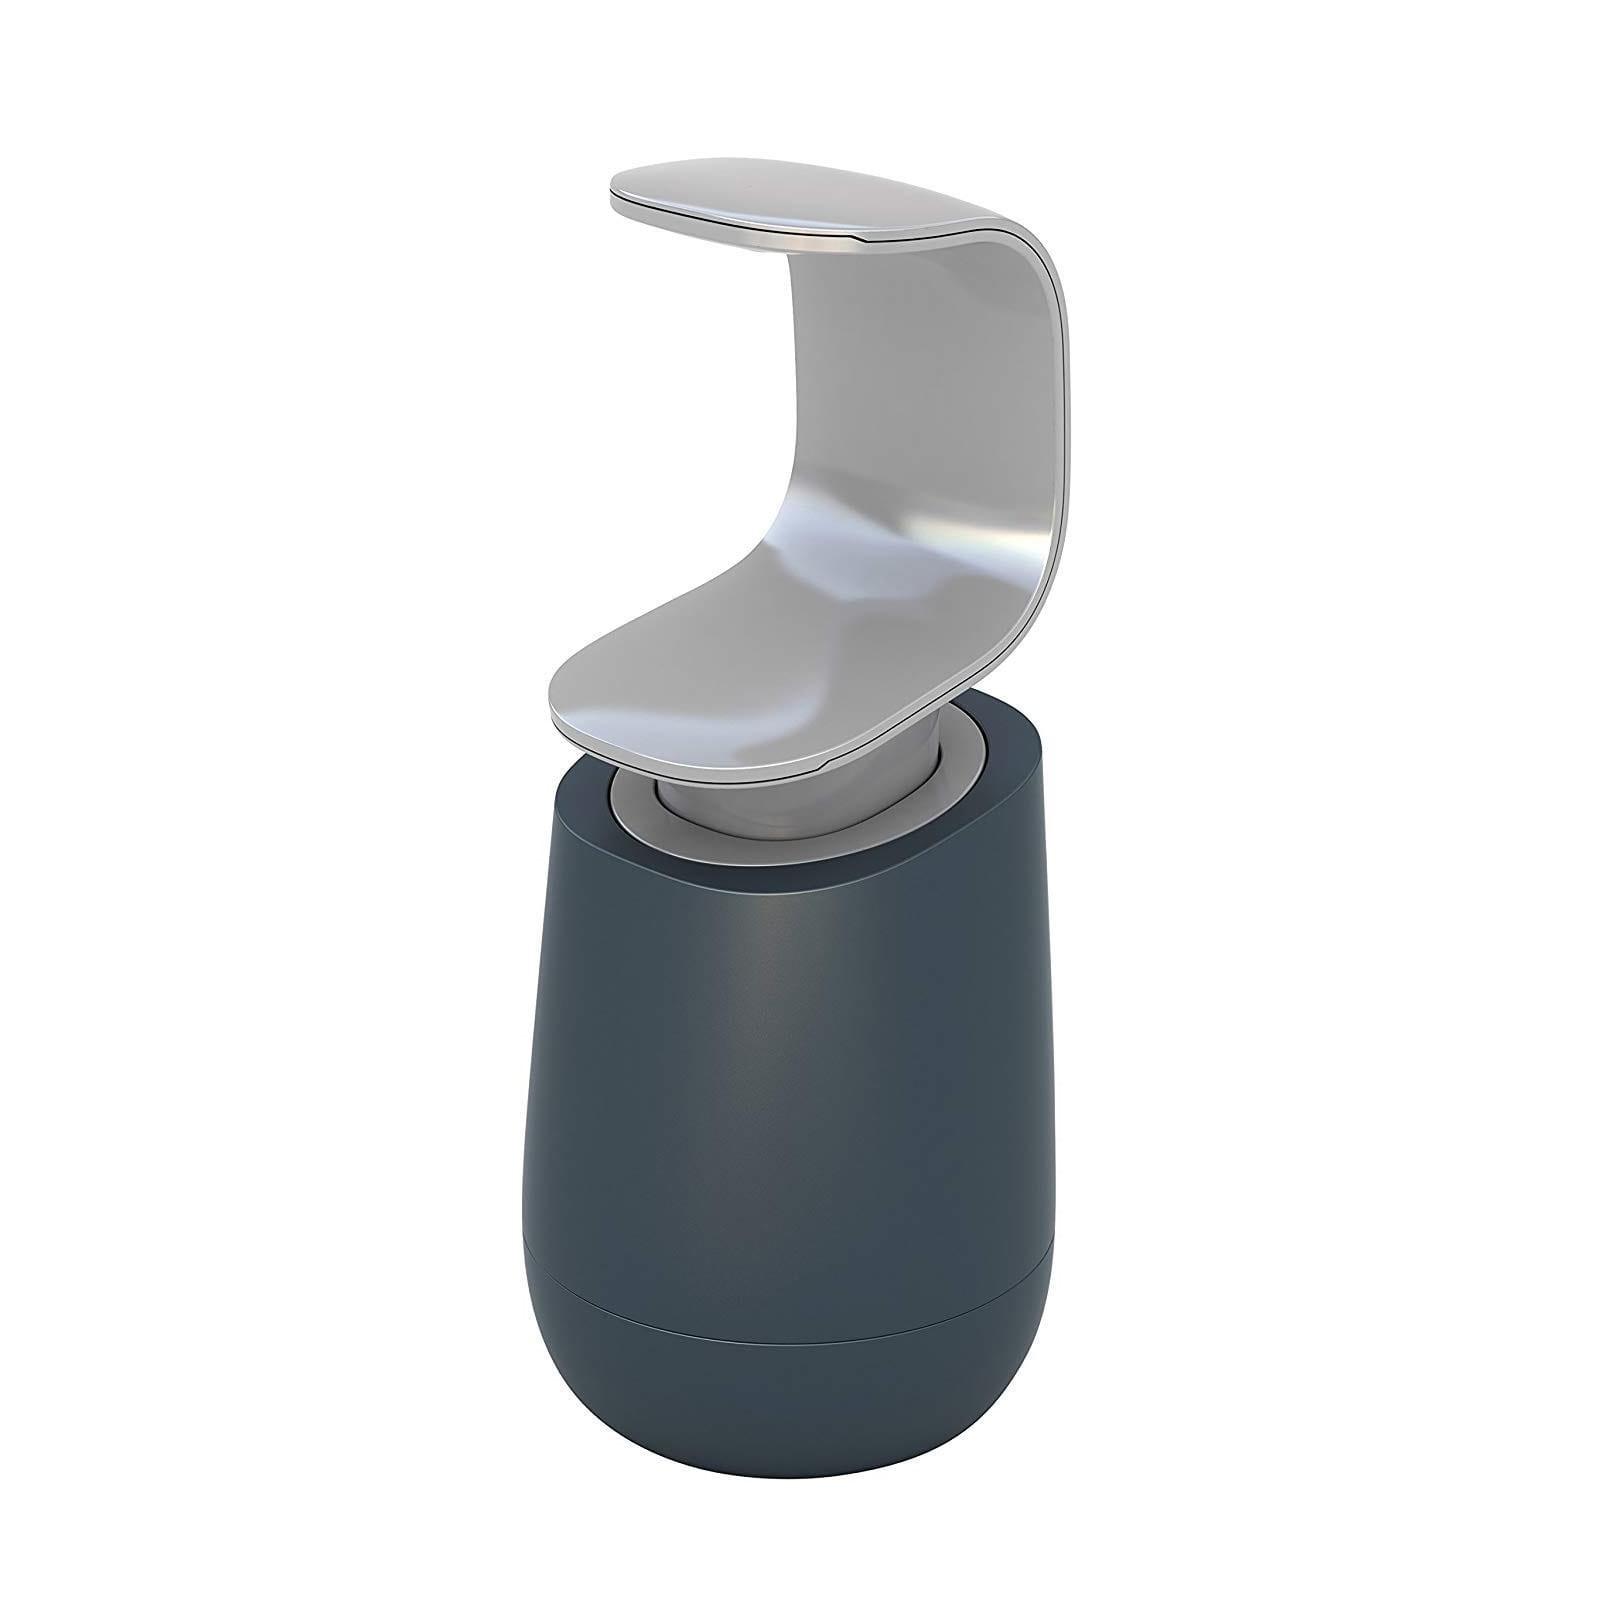 Αντλία Σαπουνιού Μονού Χειρός C-Pump™ (Γκρι) - Joseph Joseph